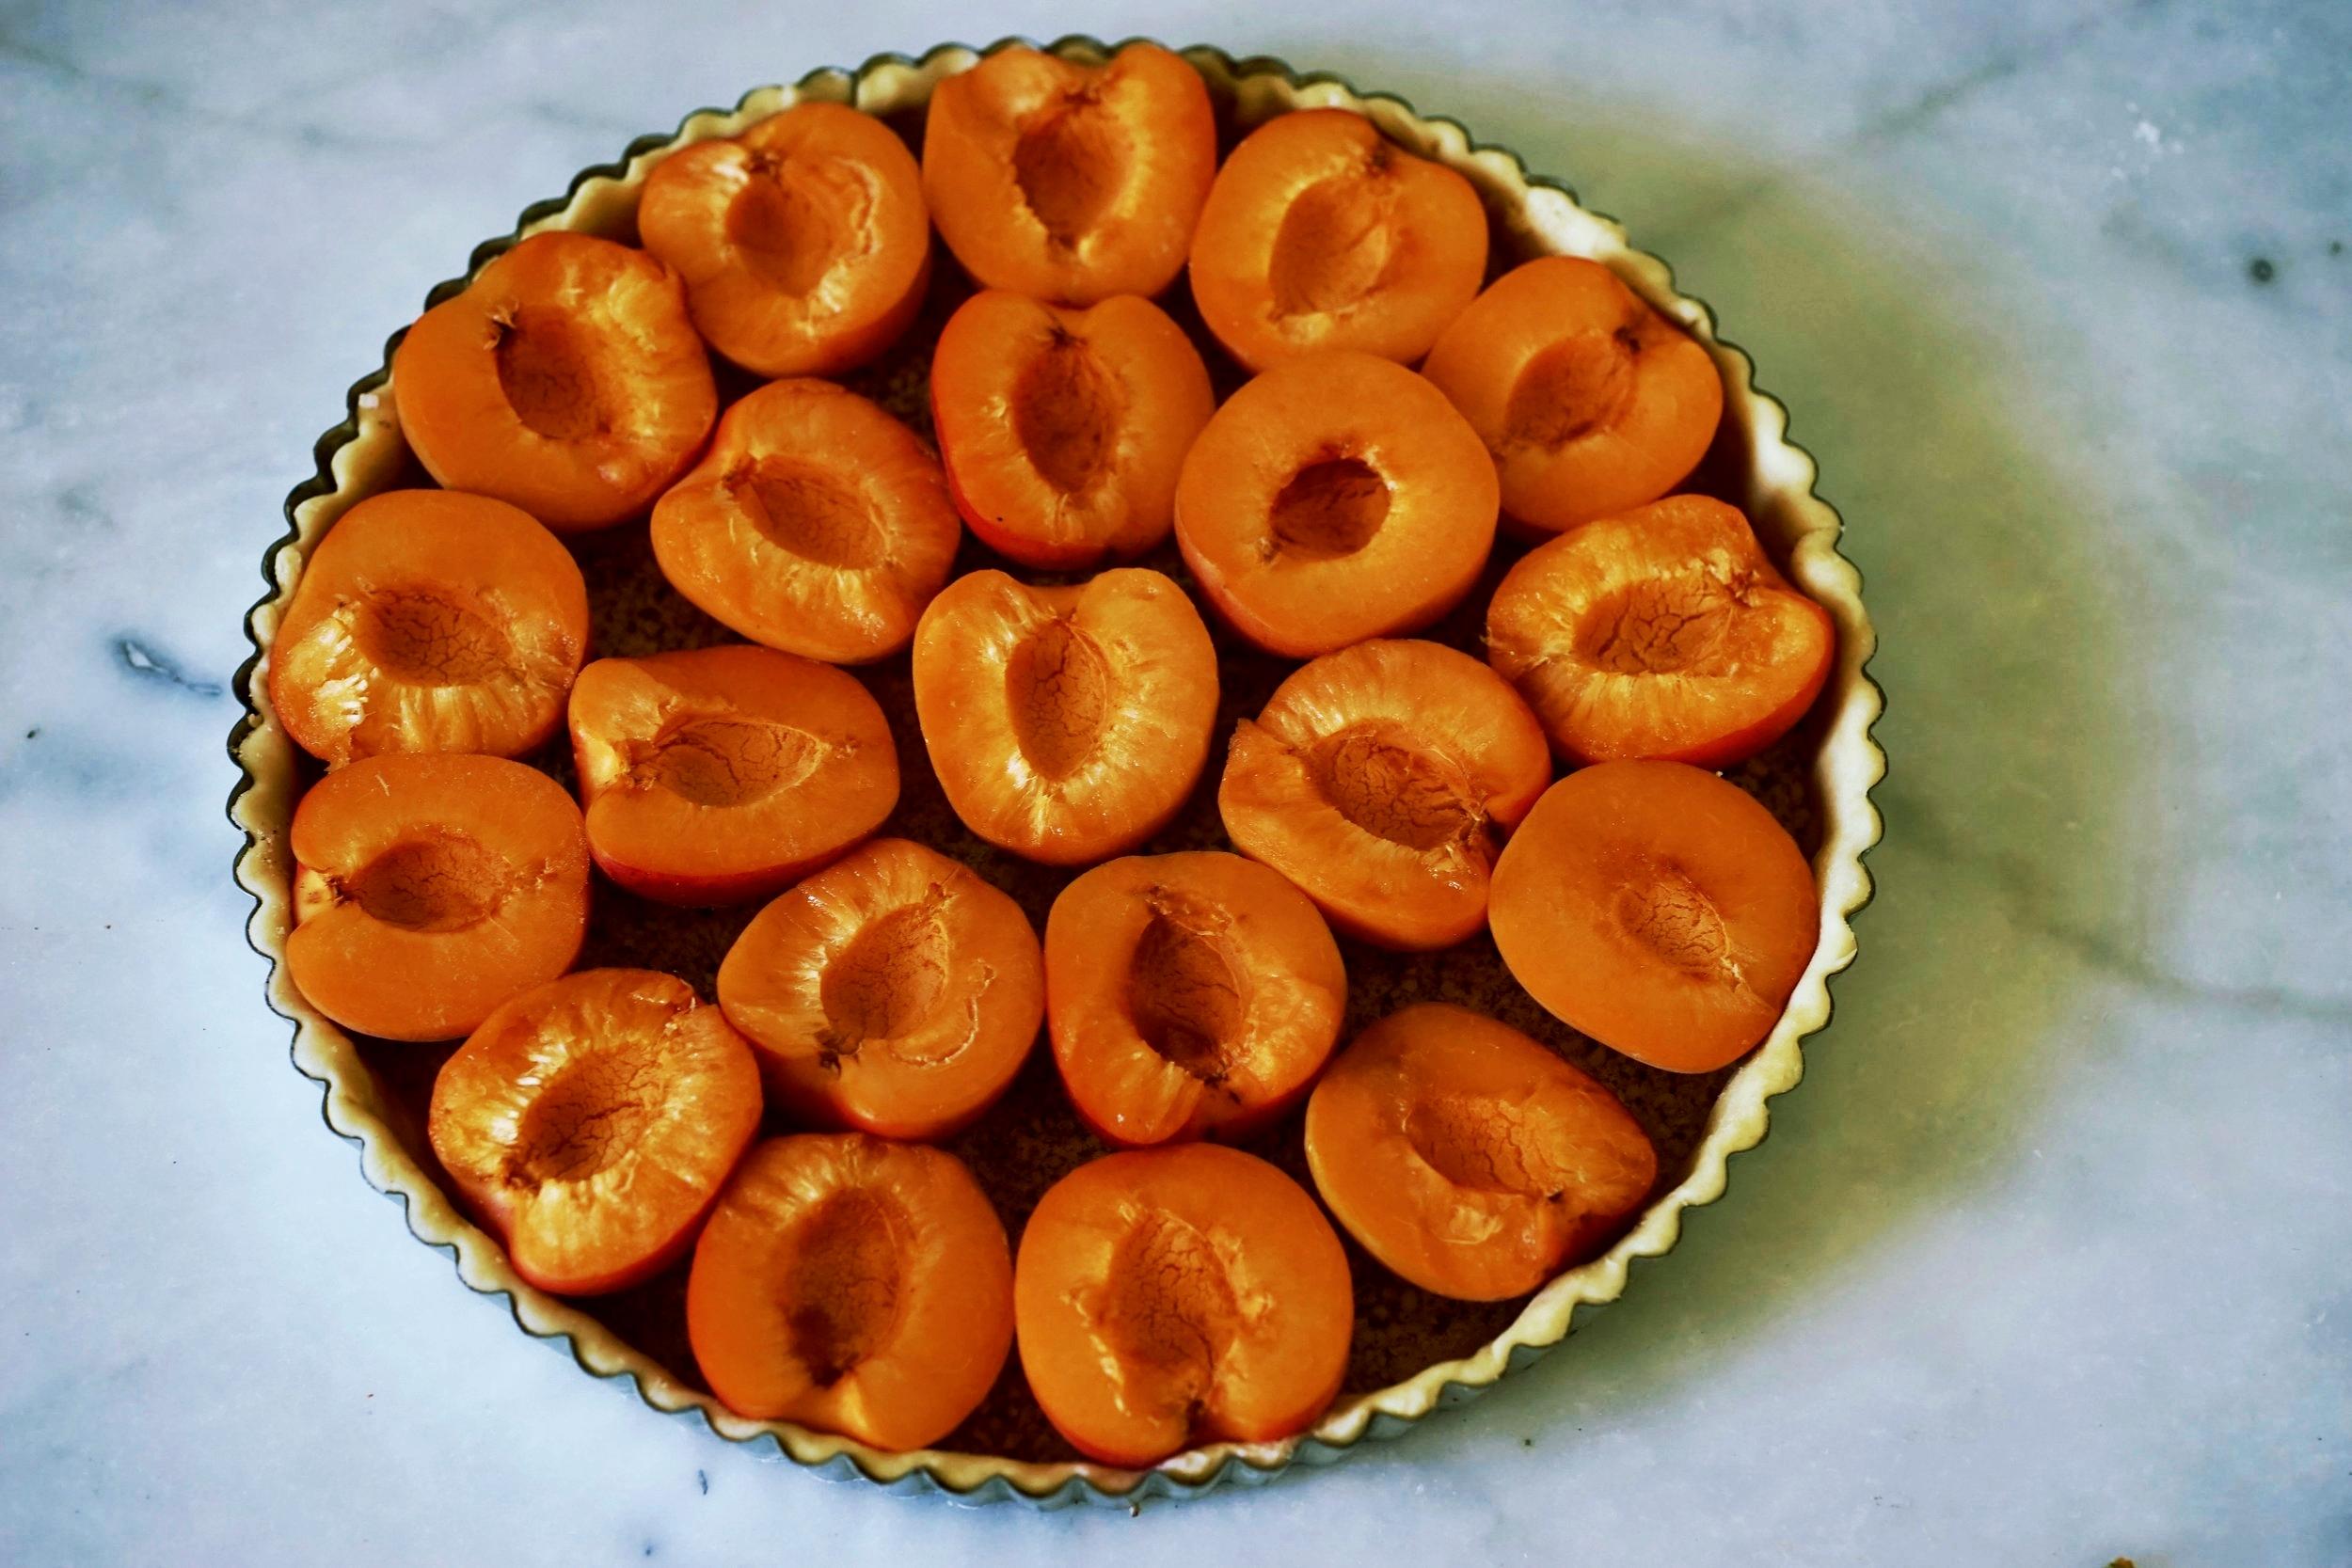 More apricots? - Aprikosenwähe